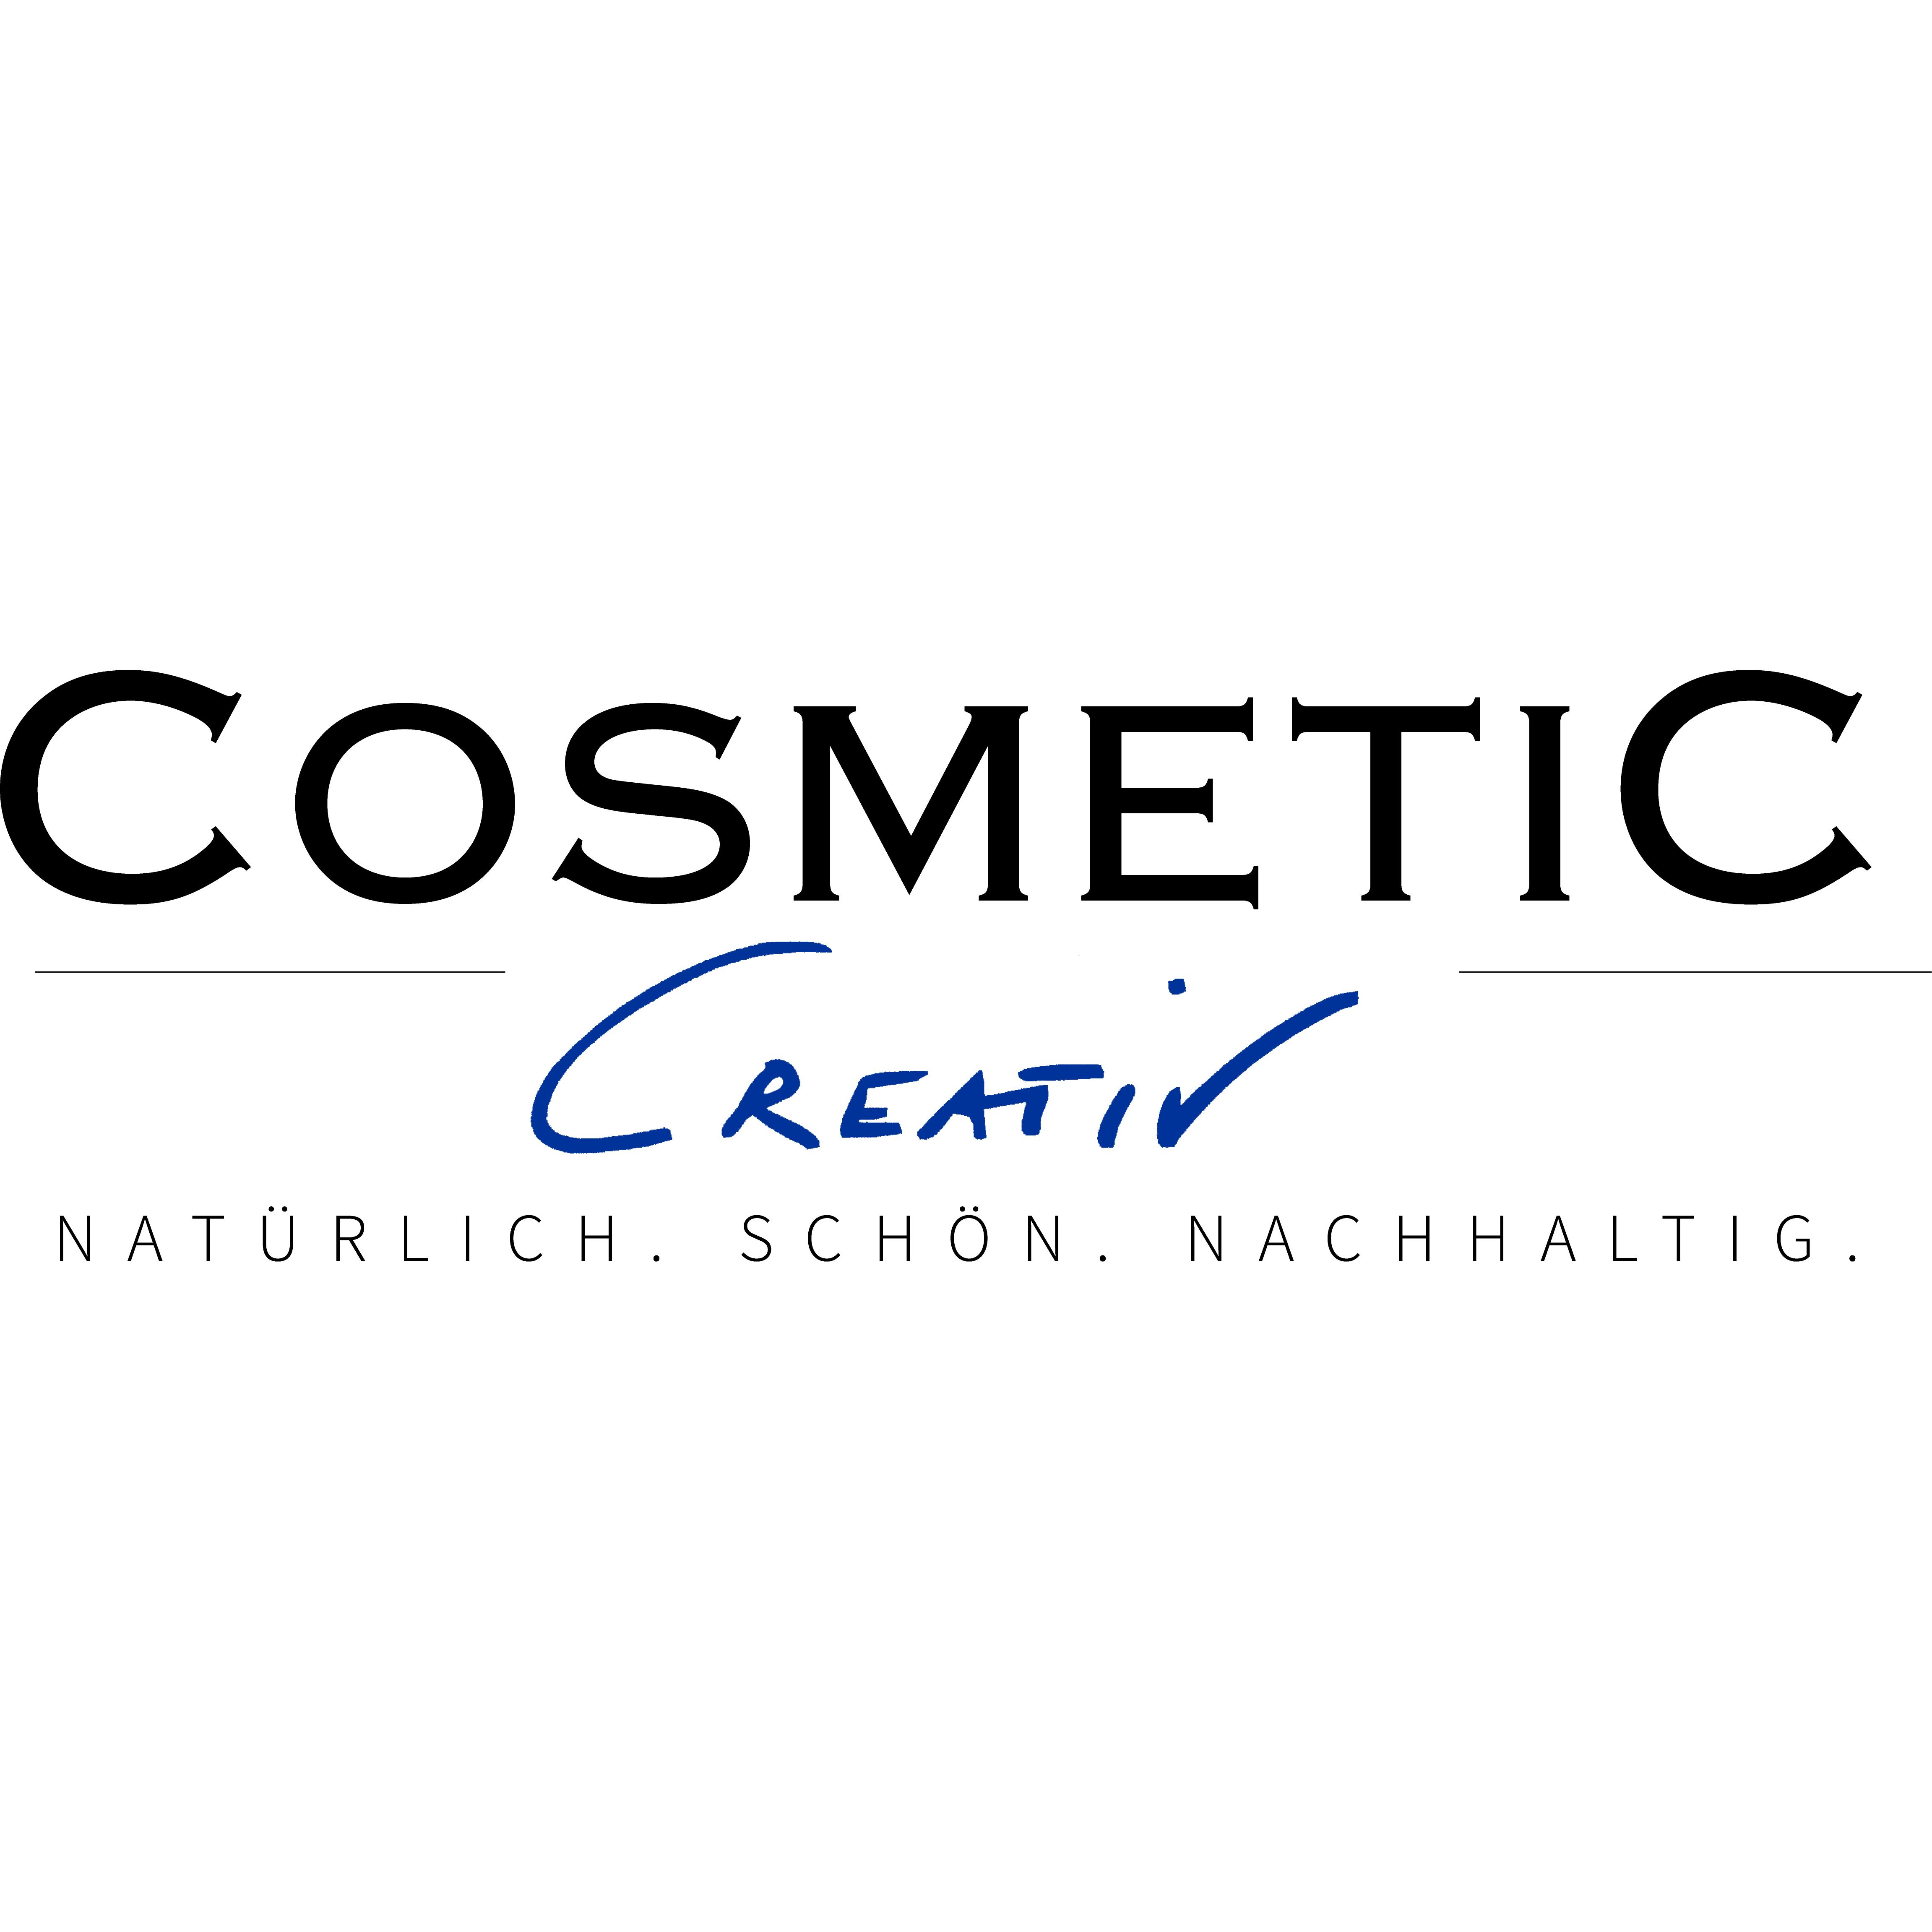 Bild zu Jürgen Valentin Cosmetic Creativ in Kulmbach